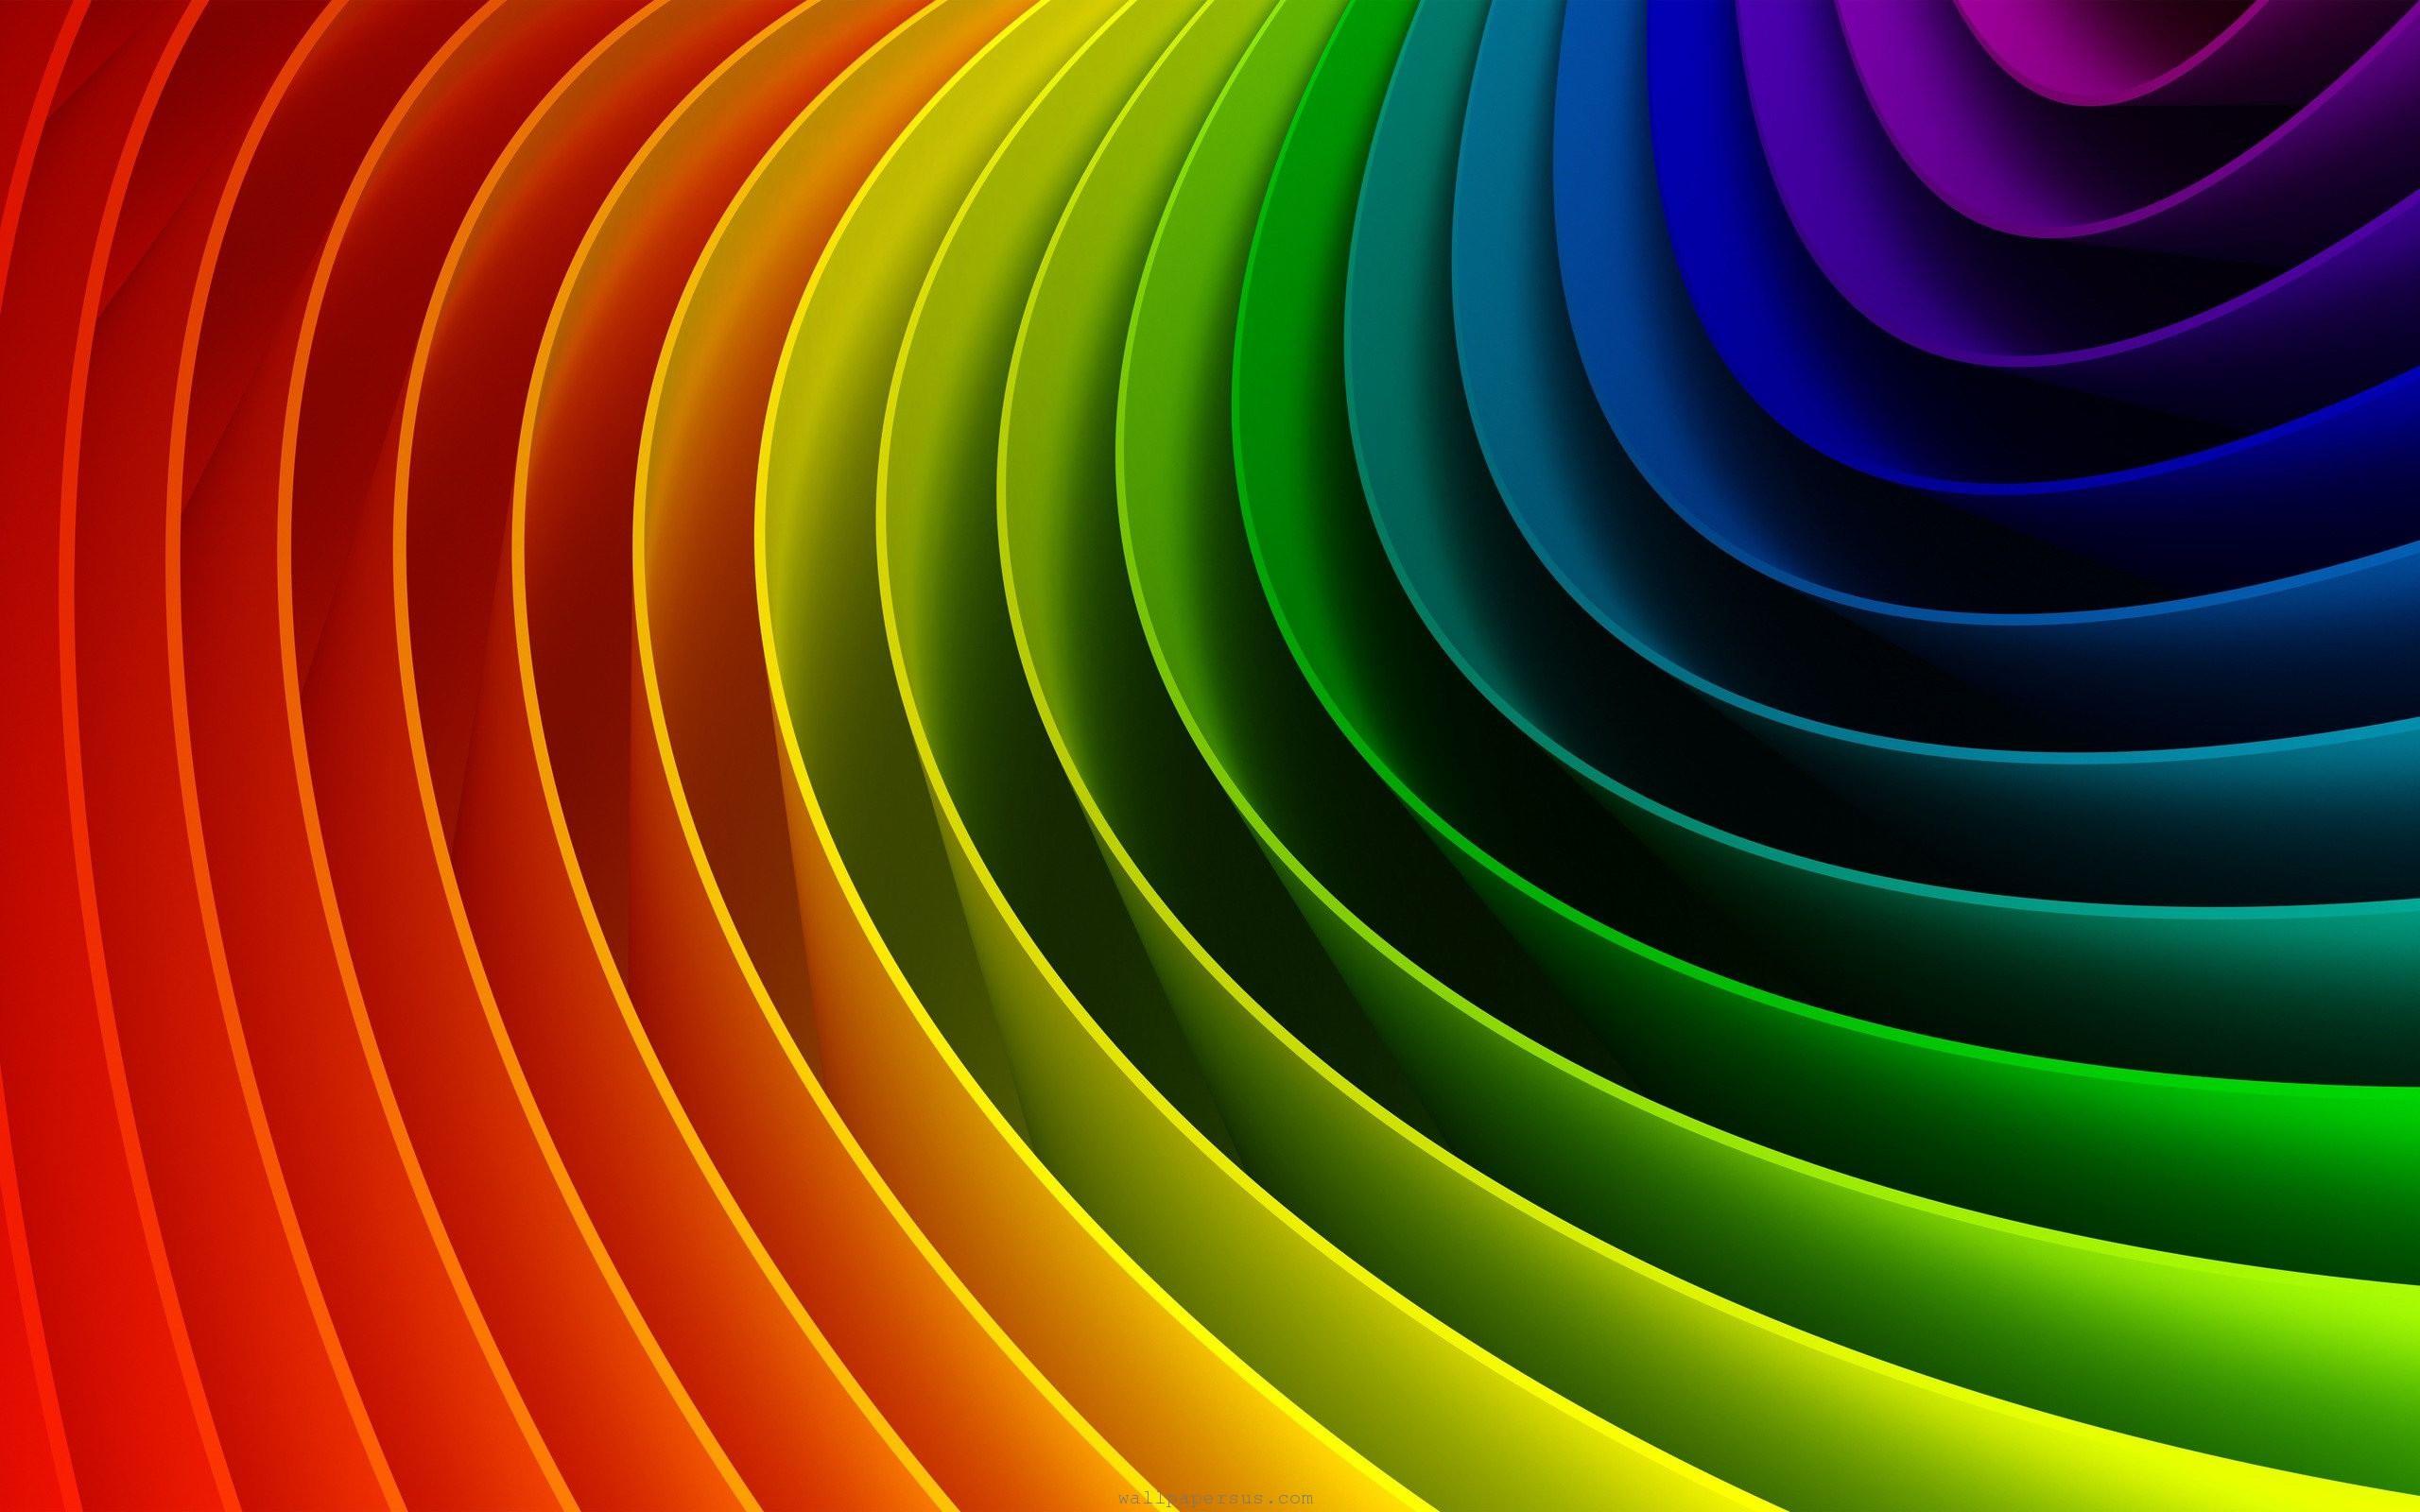 Https Wallpapersafari Com Colorful Background Wallpaper